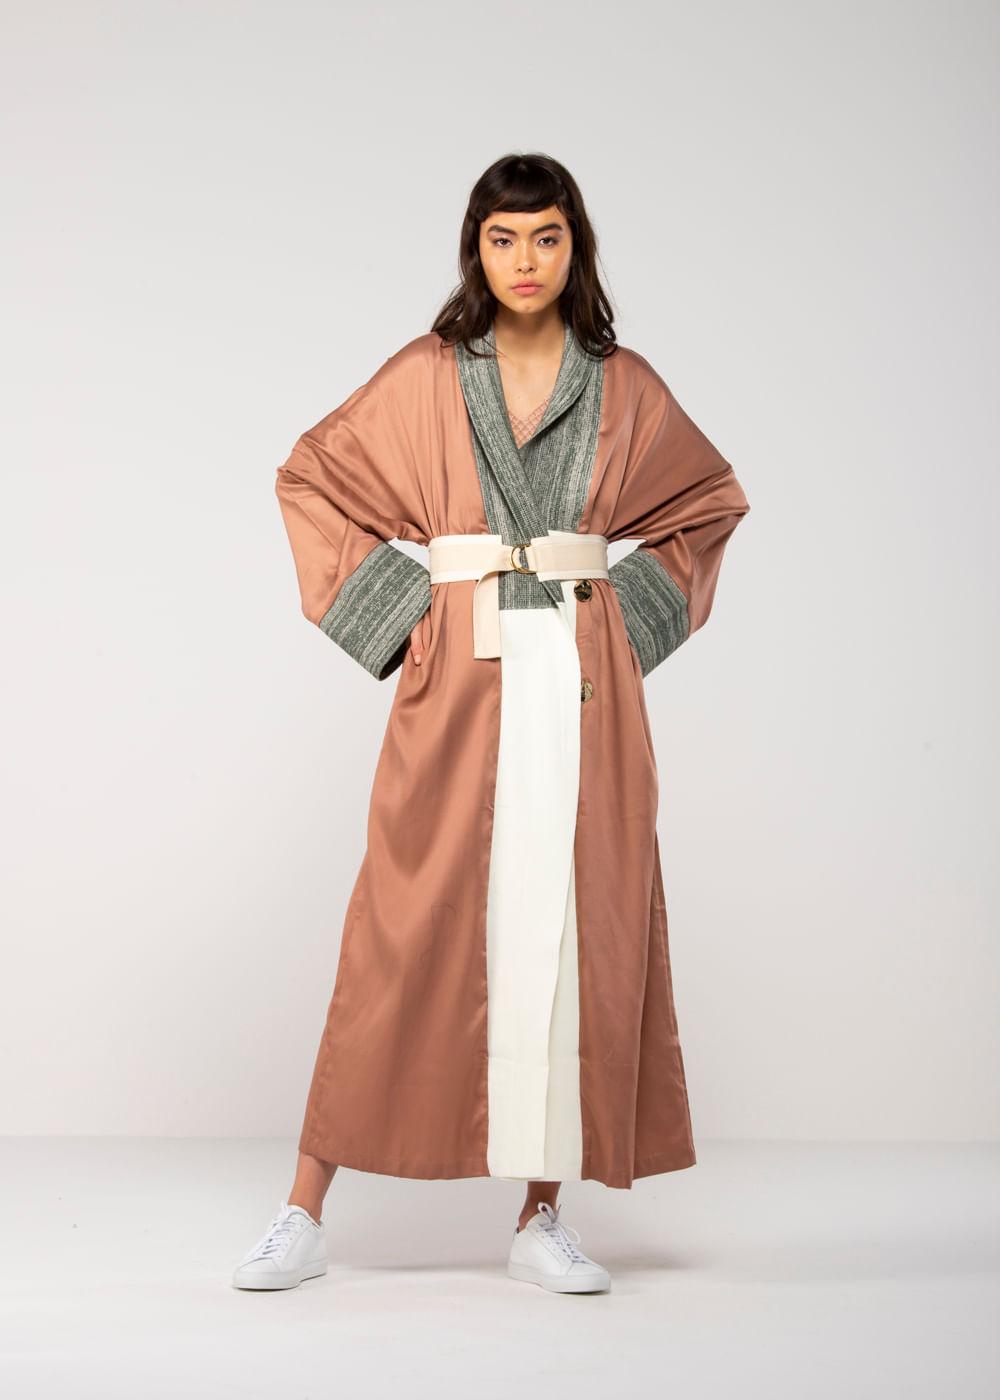 Vestido Kimono  Rosa 38 It